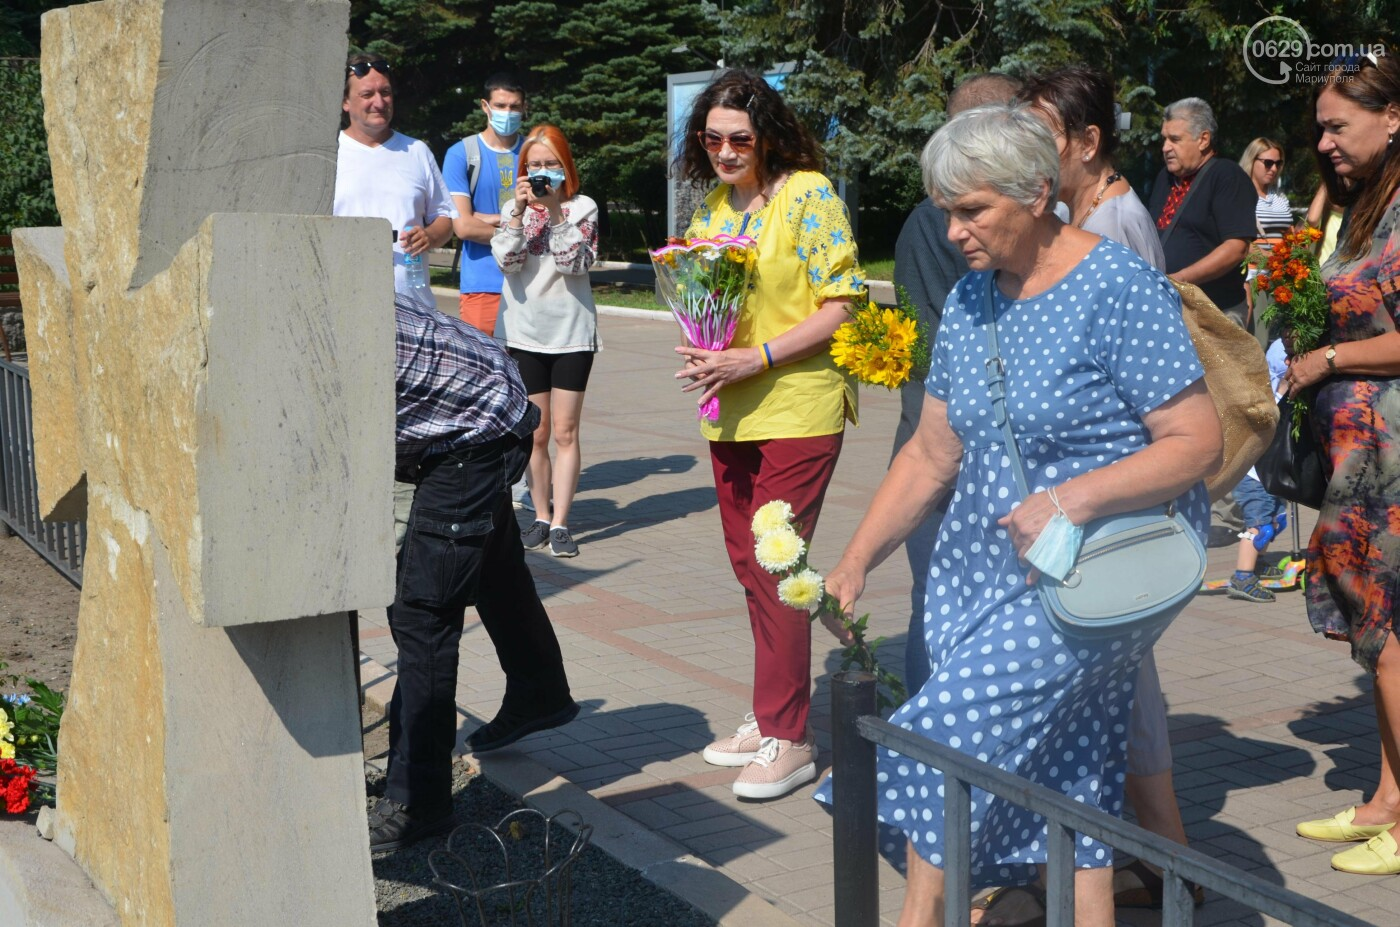 Мариупольцы на коленях почтили павших защитников Украины, - ФОТОРЕПОРТАЖ, фото-13